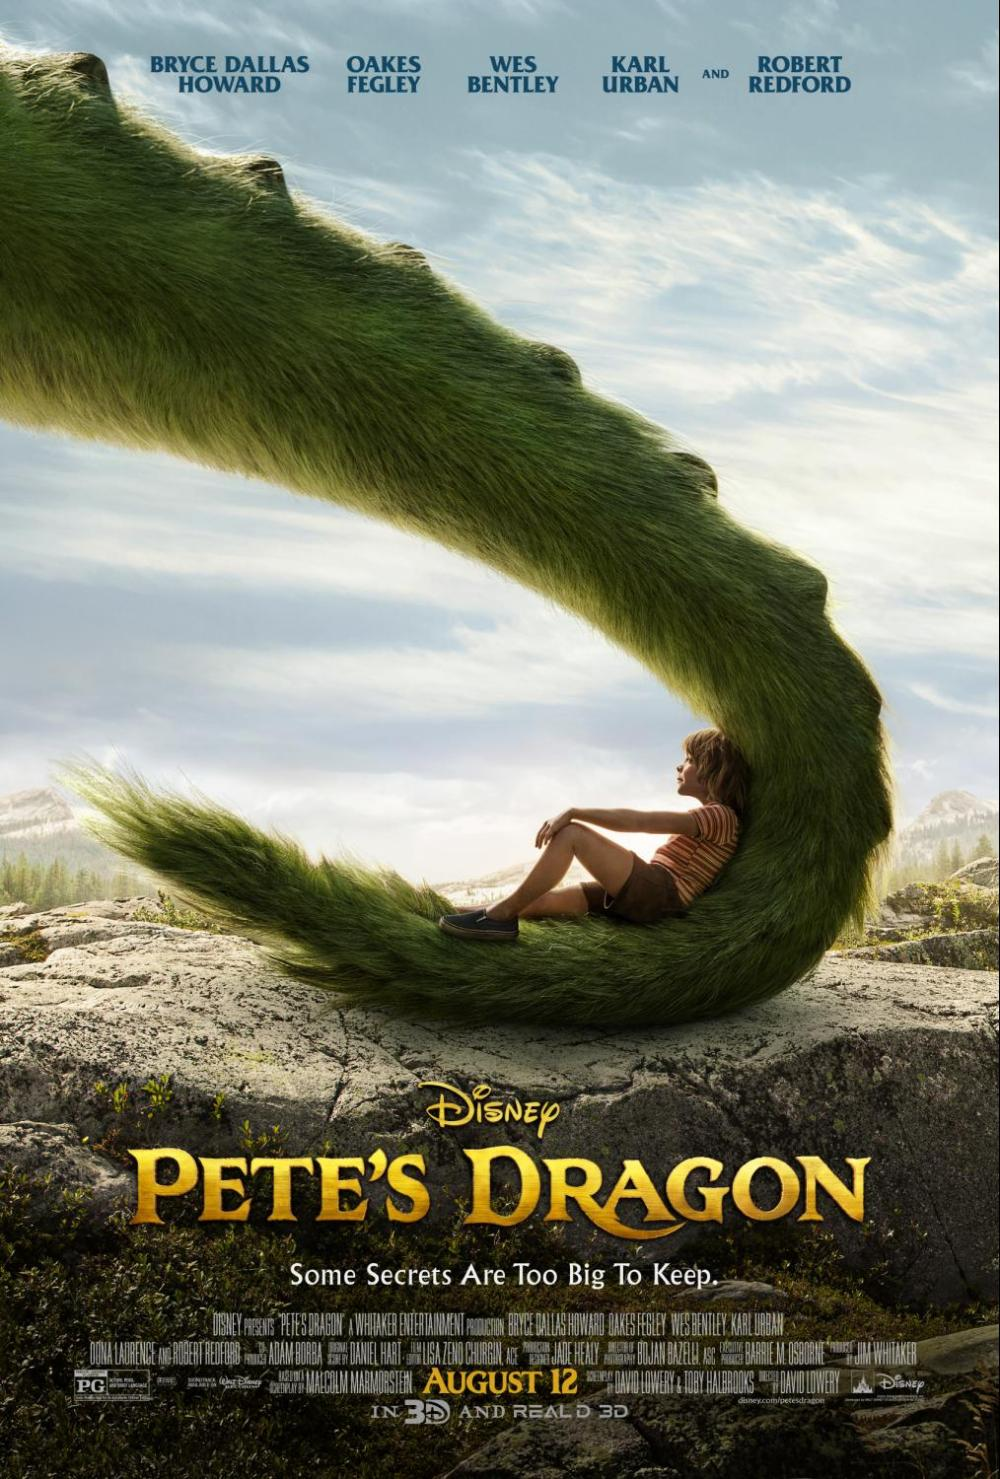 Pete's Dragon